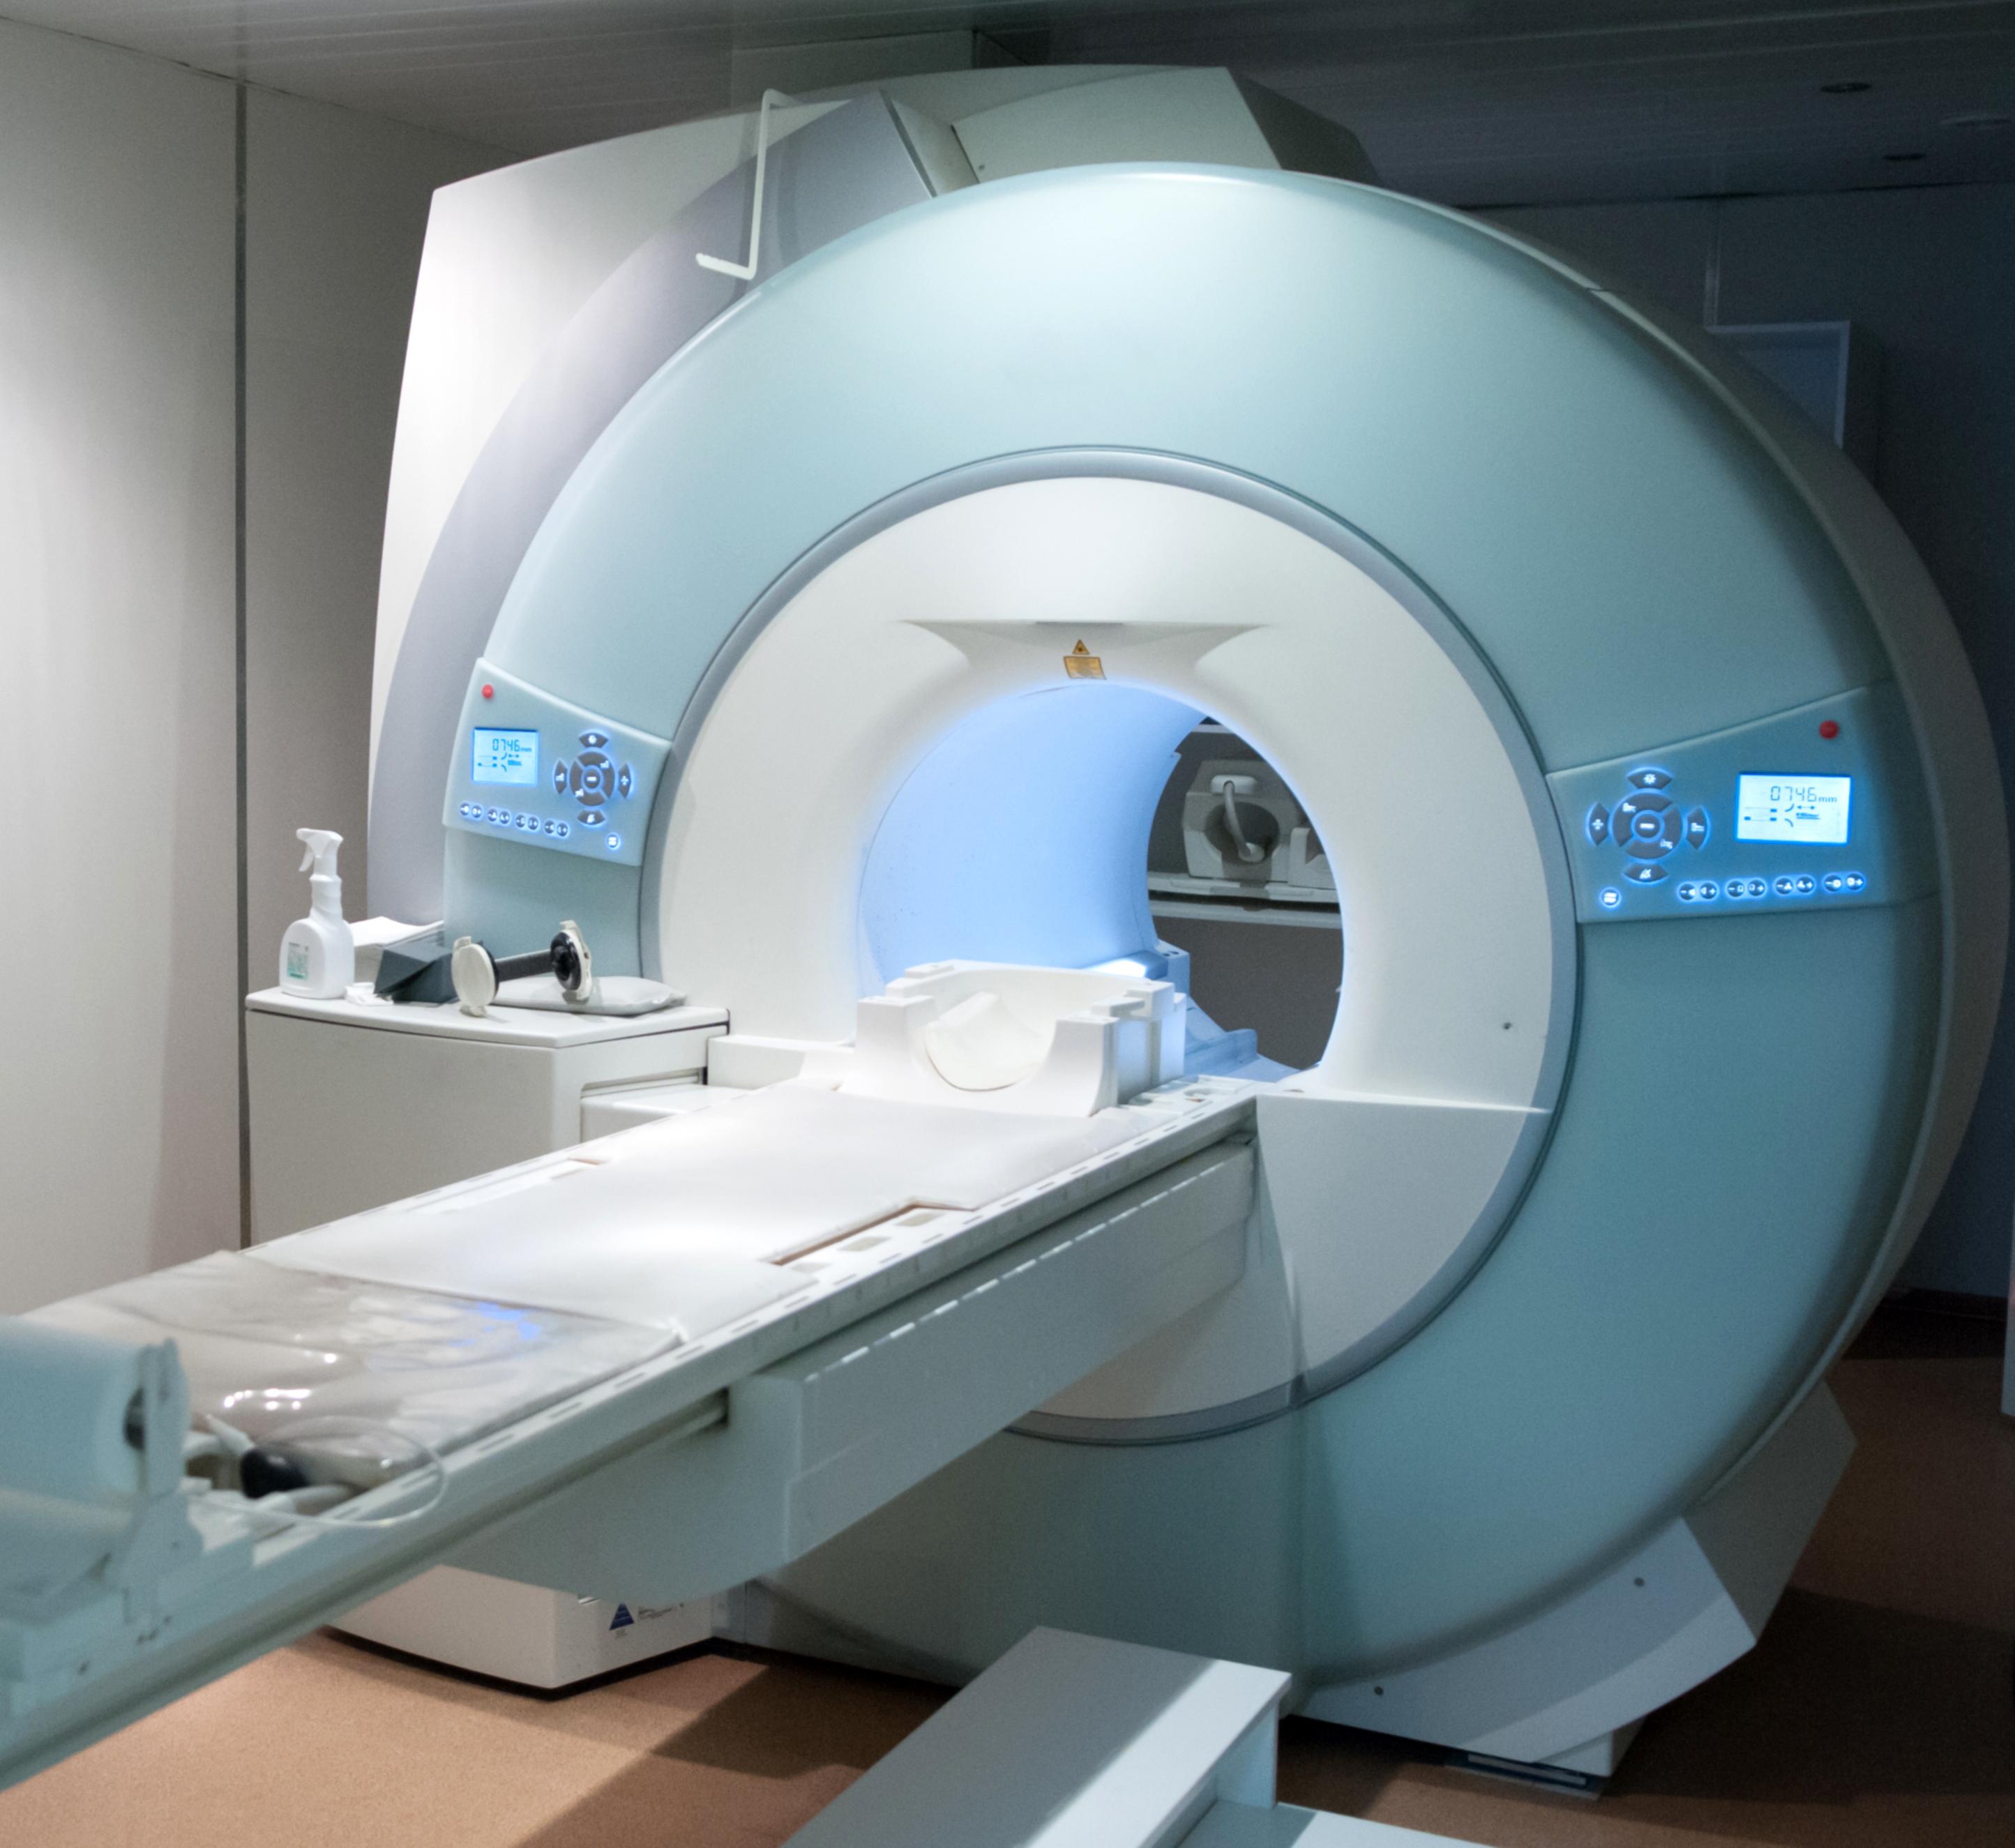 MRI Machine. Medical equipment in a hospital.